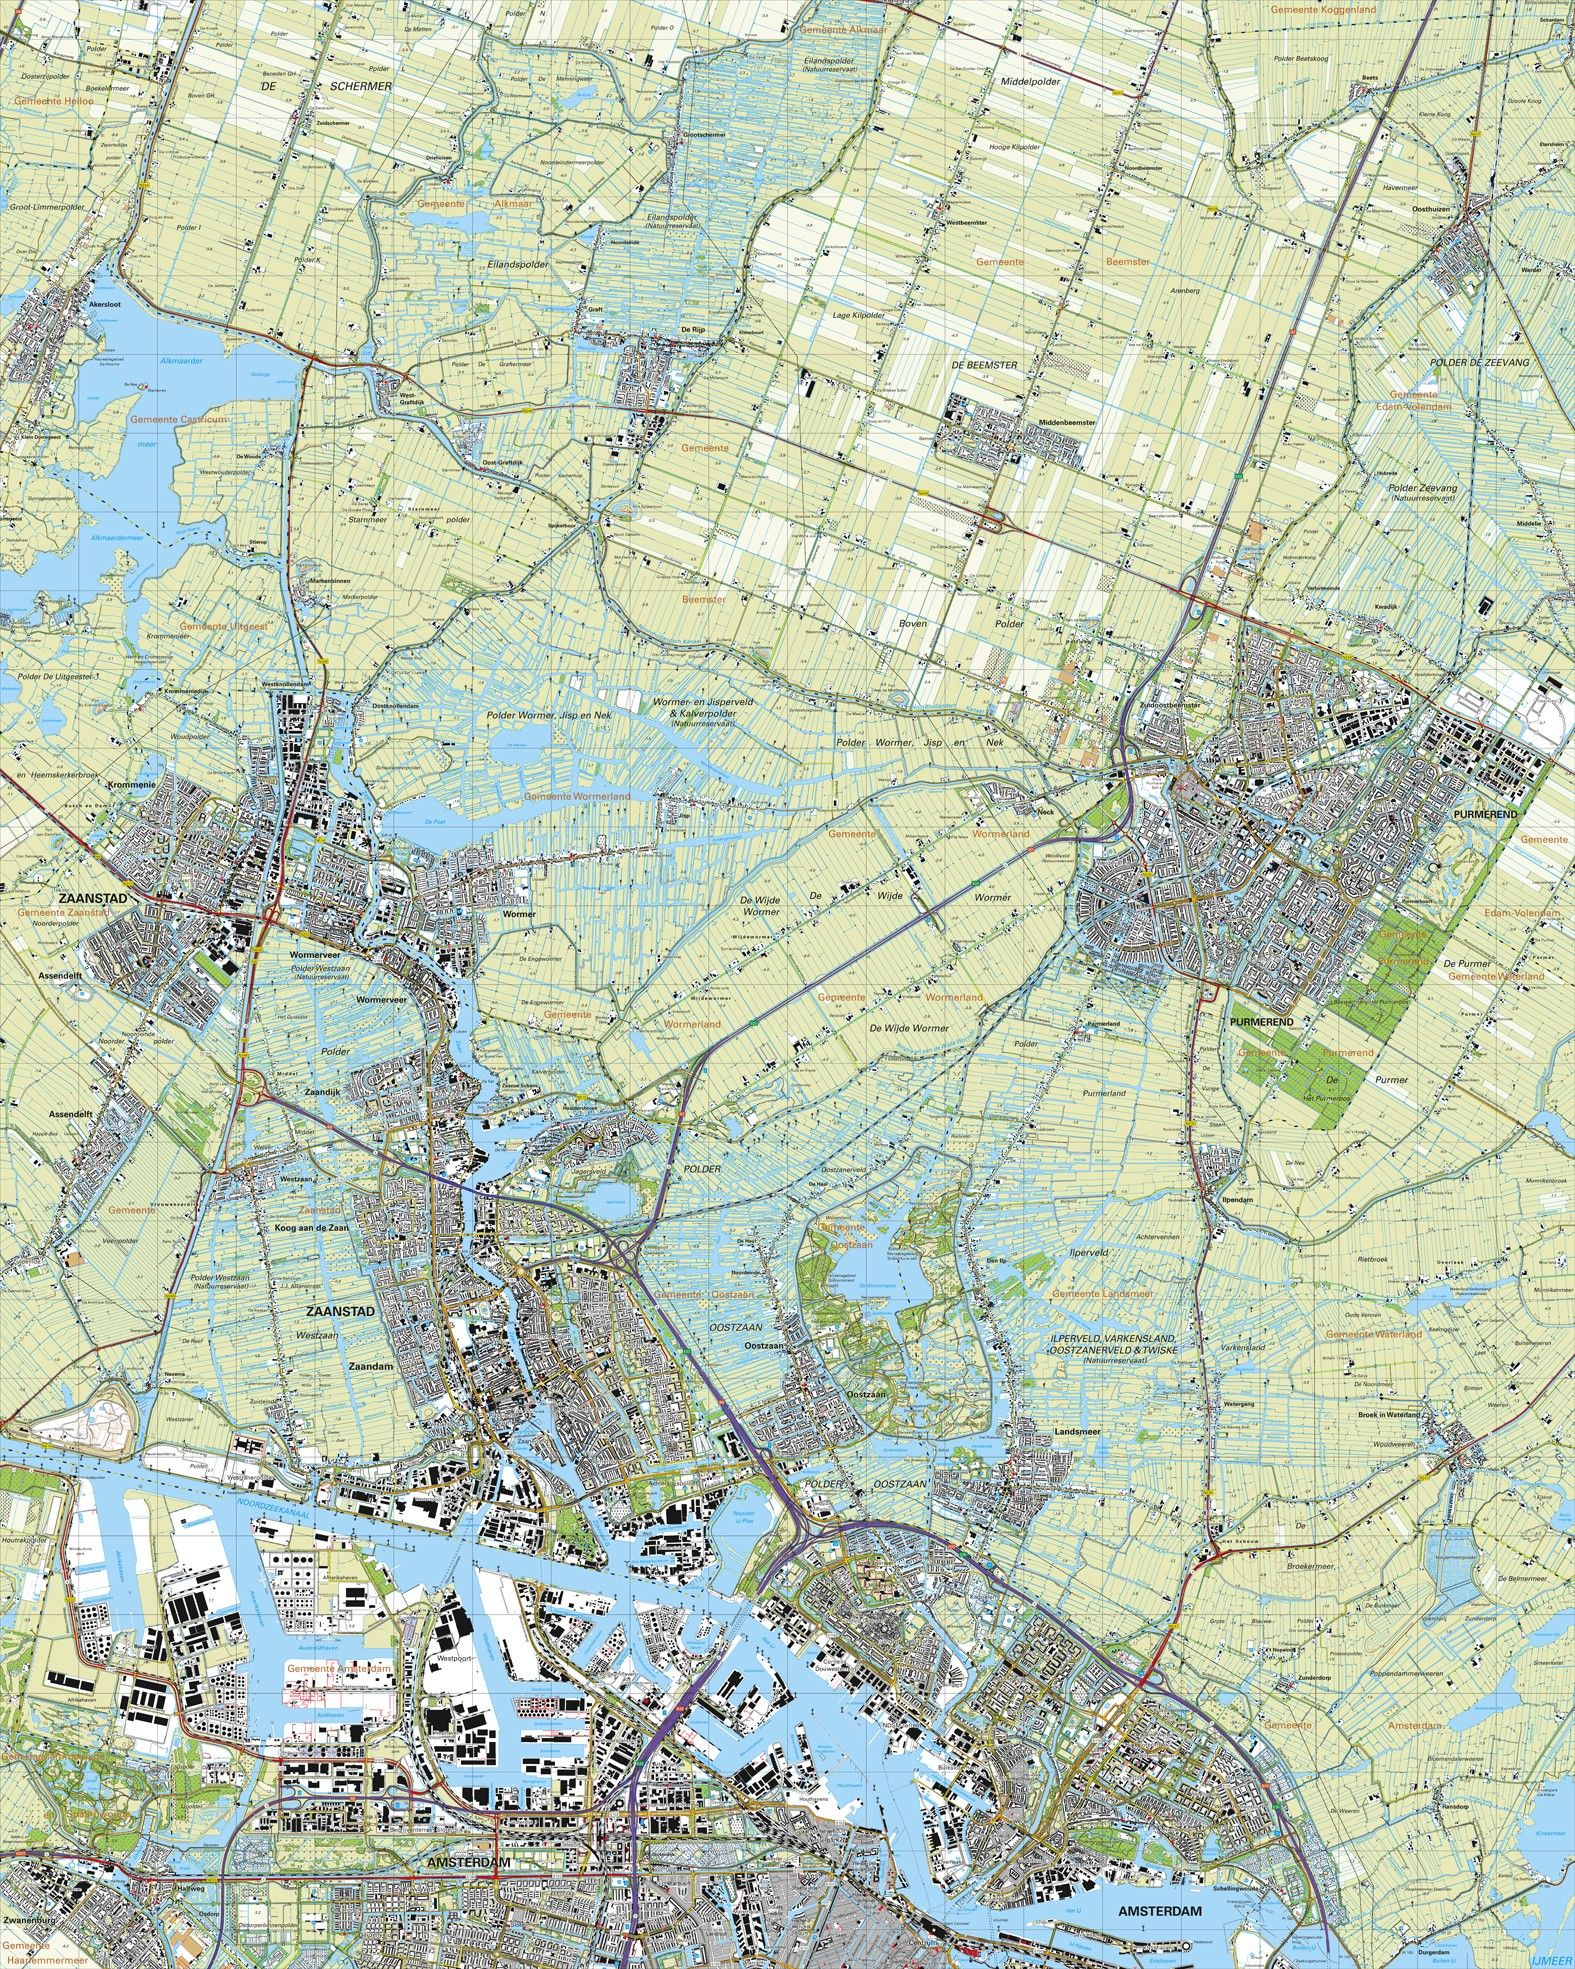 Topografische kaart schaal 1:25.000 (Purmerend, Zaandam, Amsterdam, de Rijp, Akersloot)